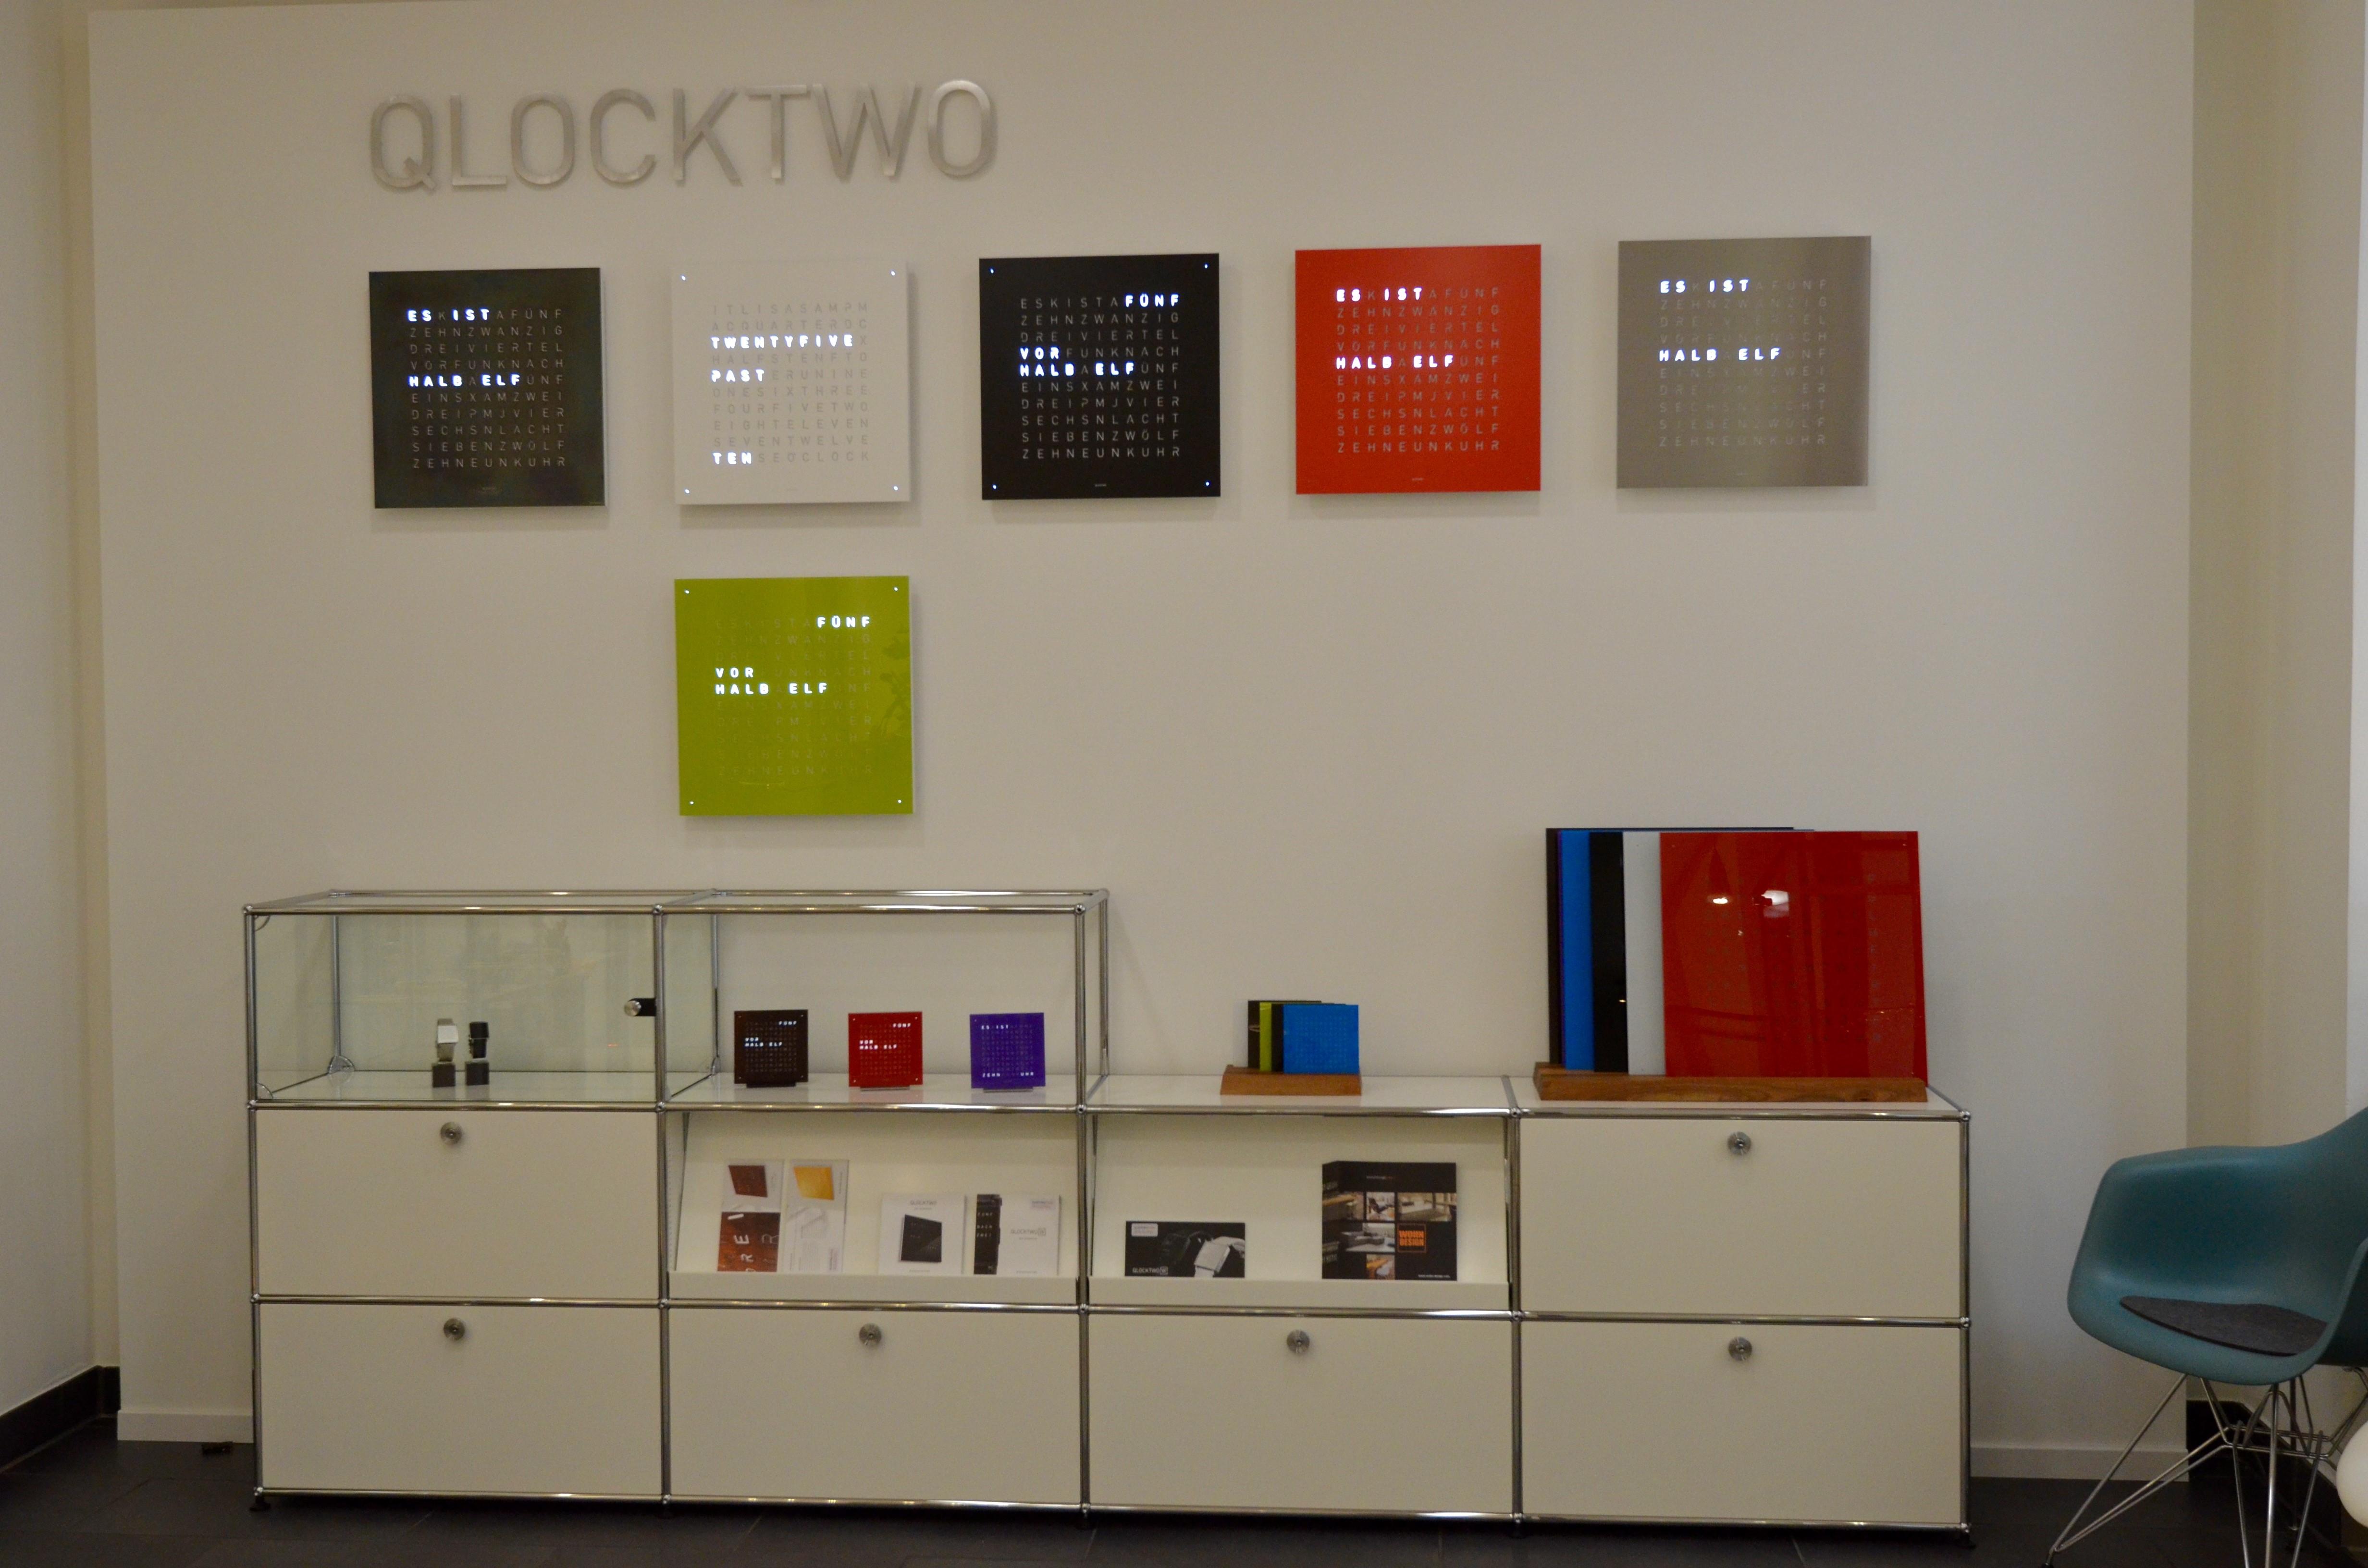 qlocktwo in karlsruhe wohn design blog. Black Bedroom Furniture Sets. Home Design Ideas